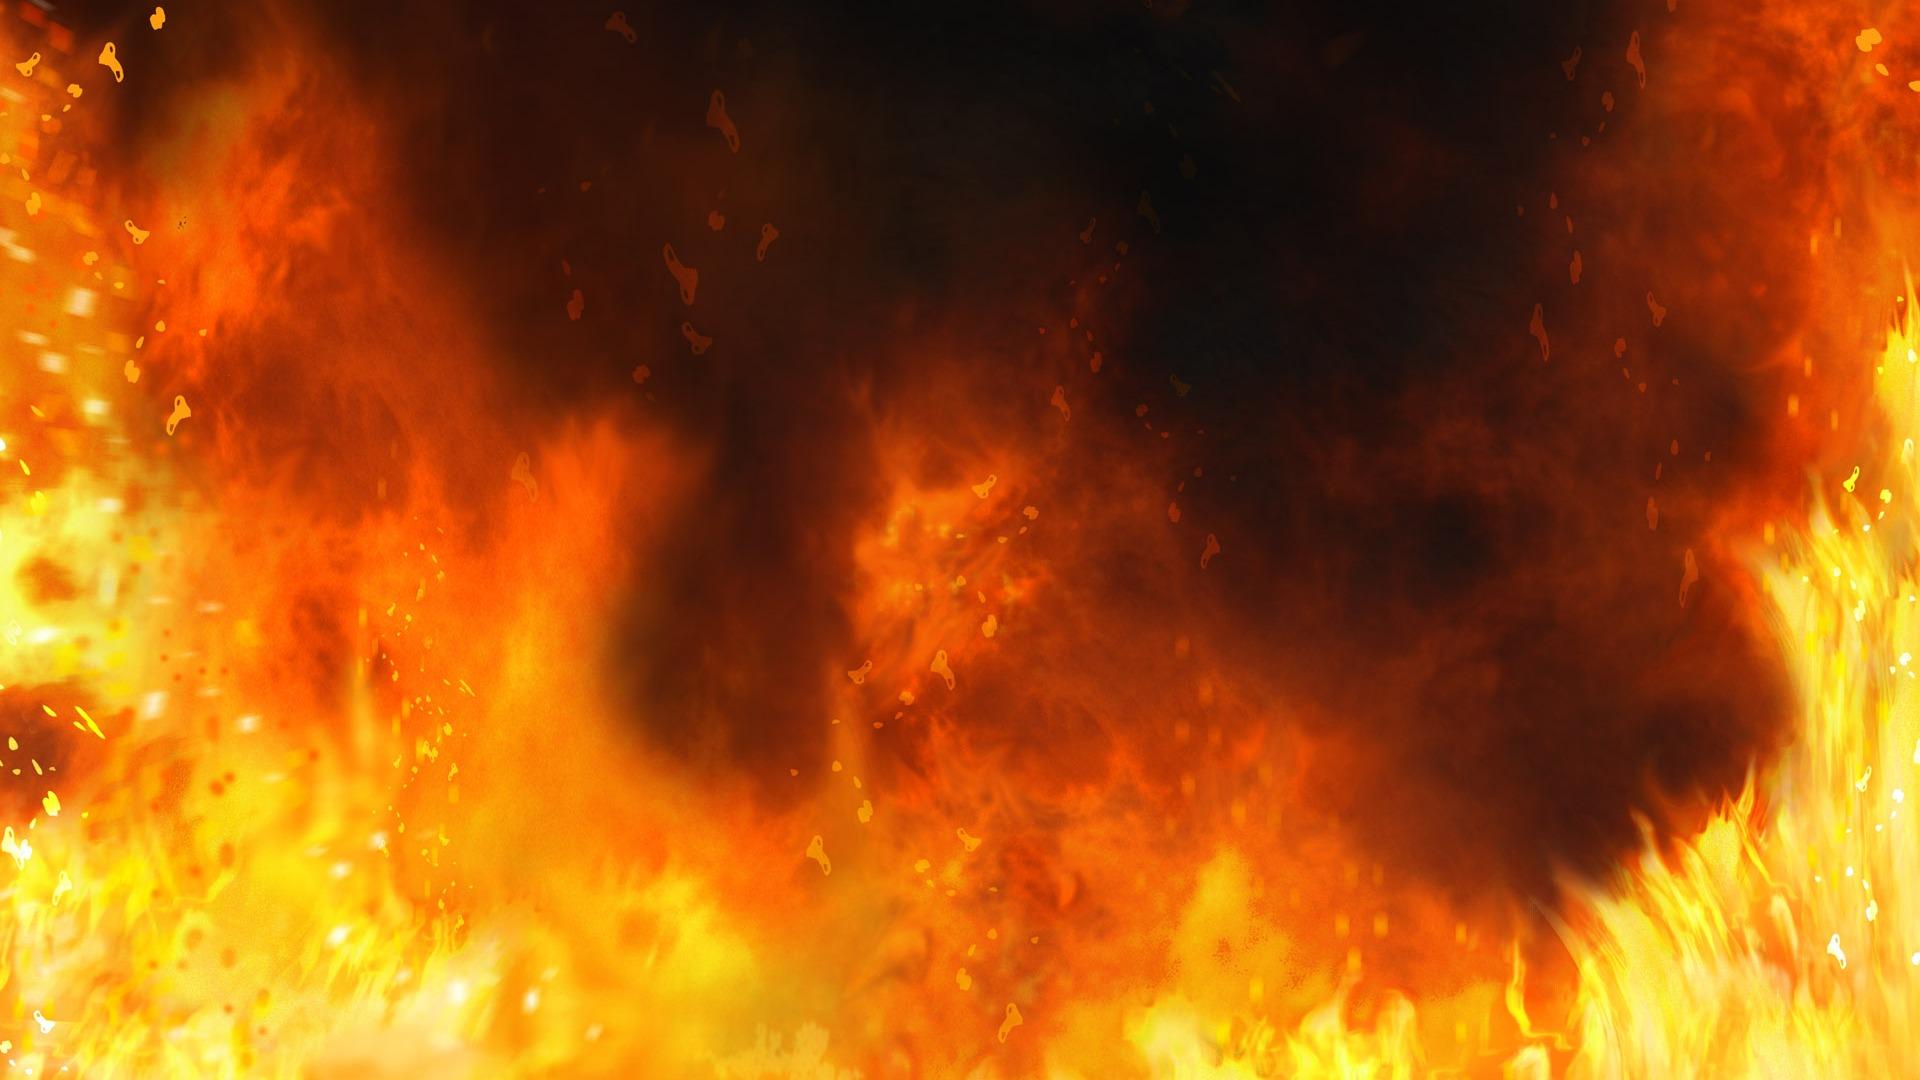 炎の特徴のHD壁紙 #6 - 1920x1080   炎の特徴のHD壁紙 #6